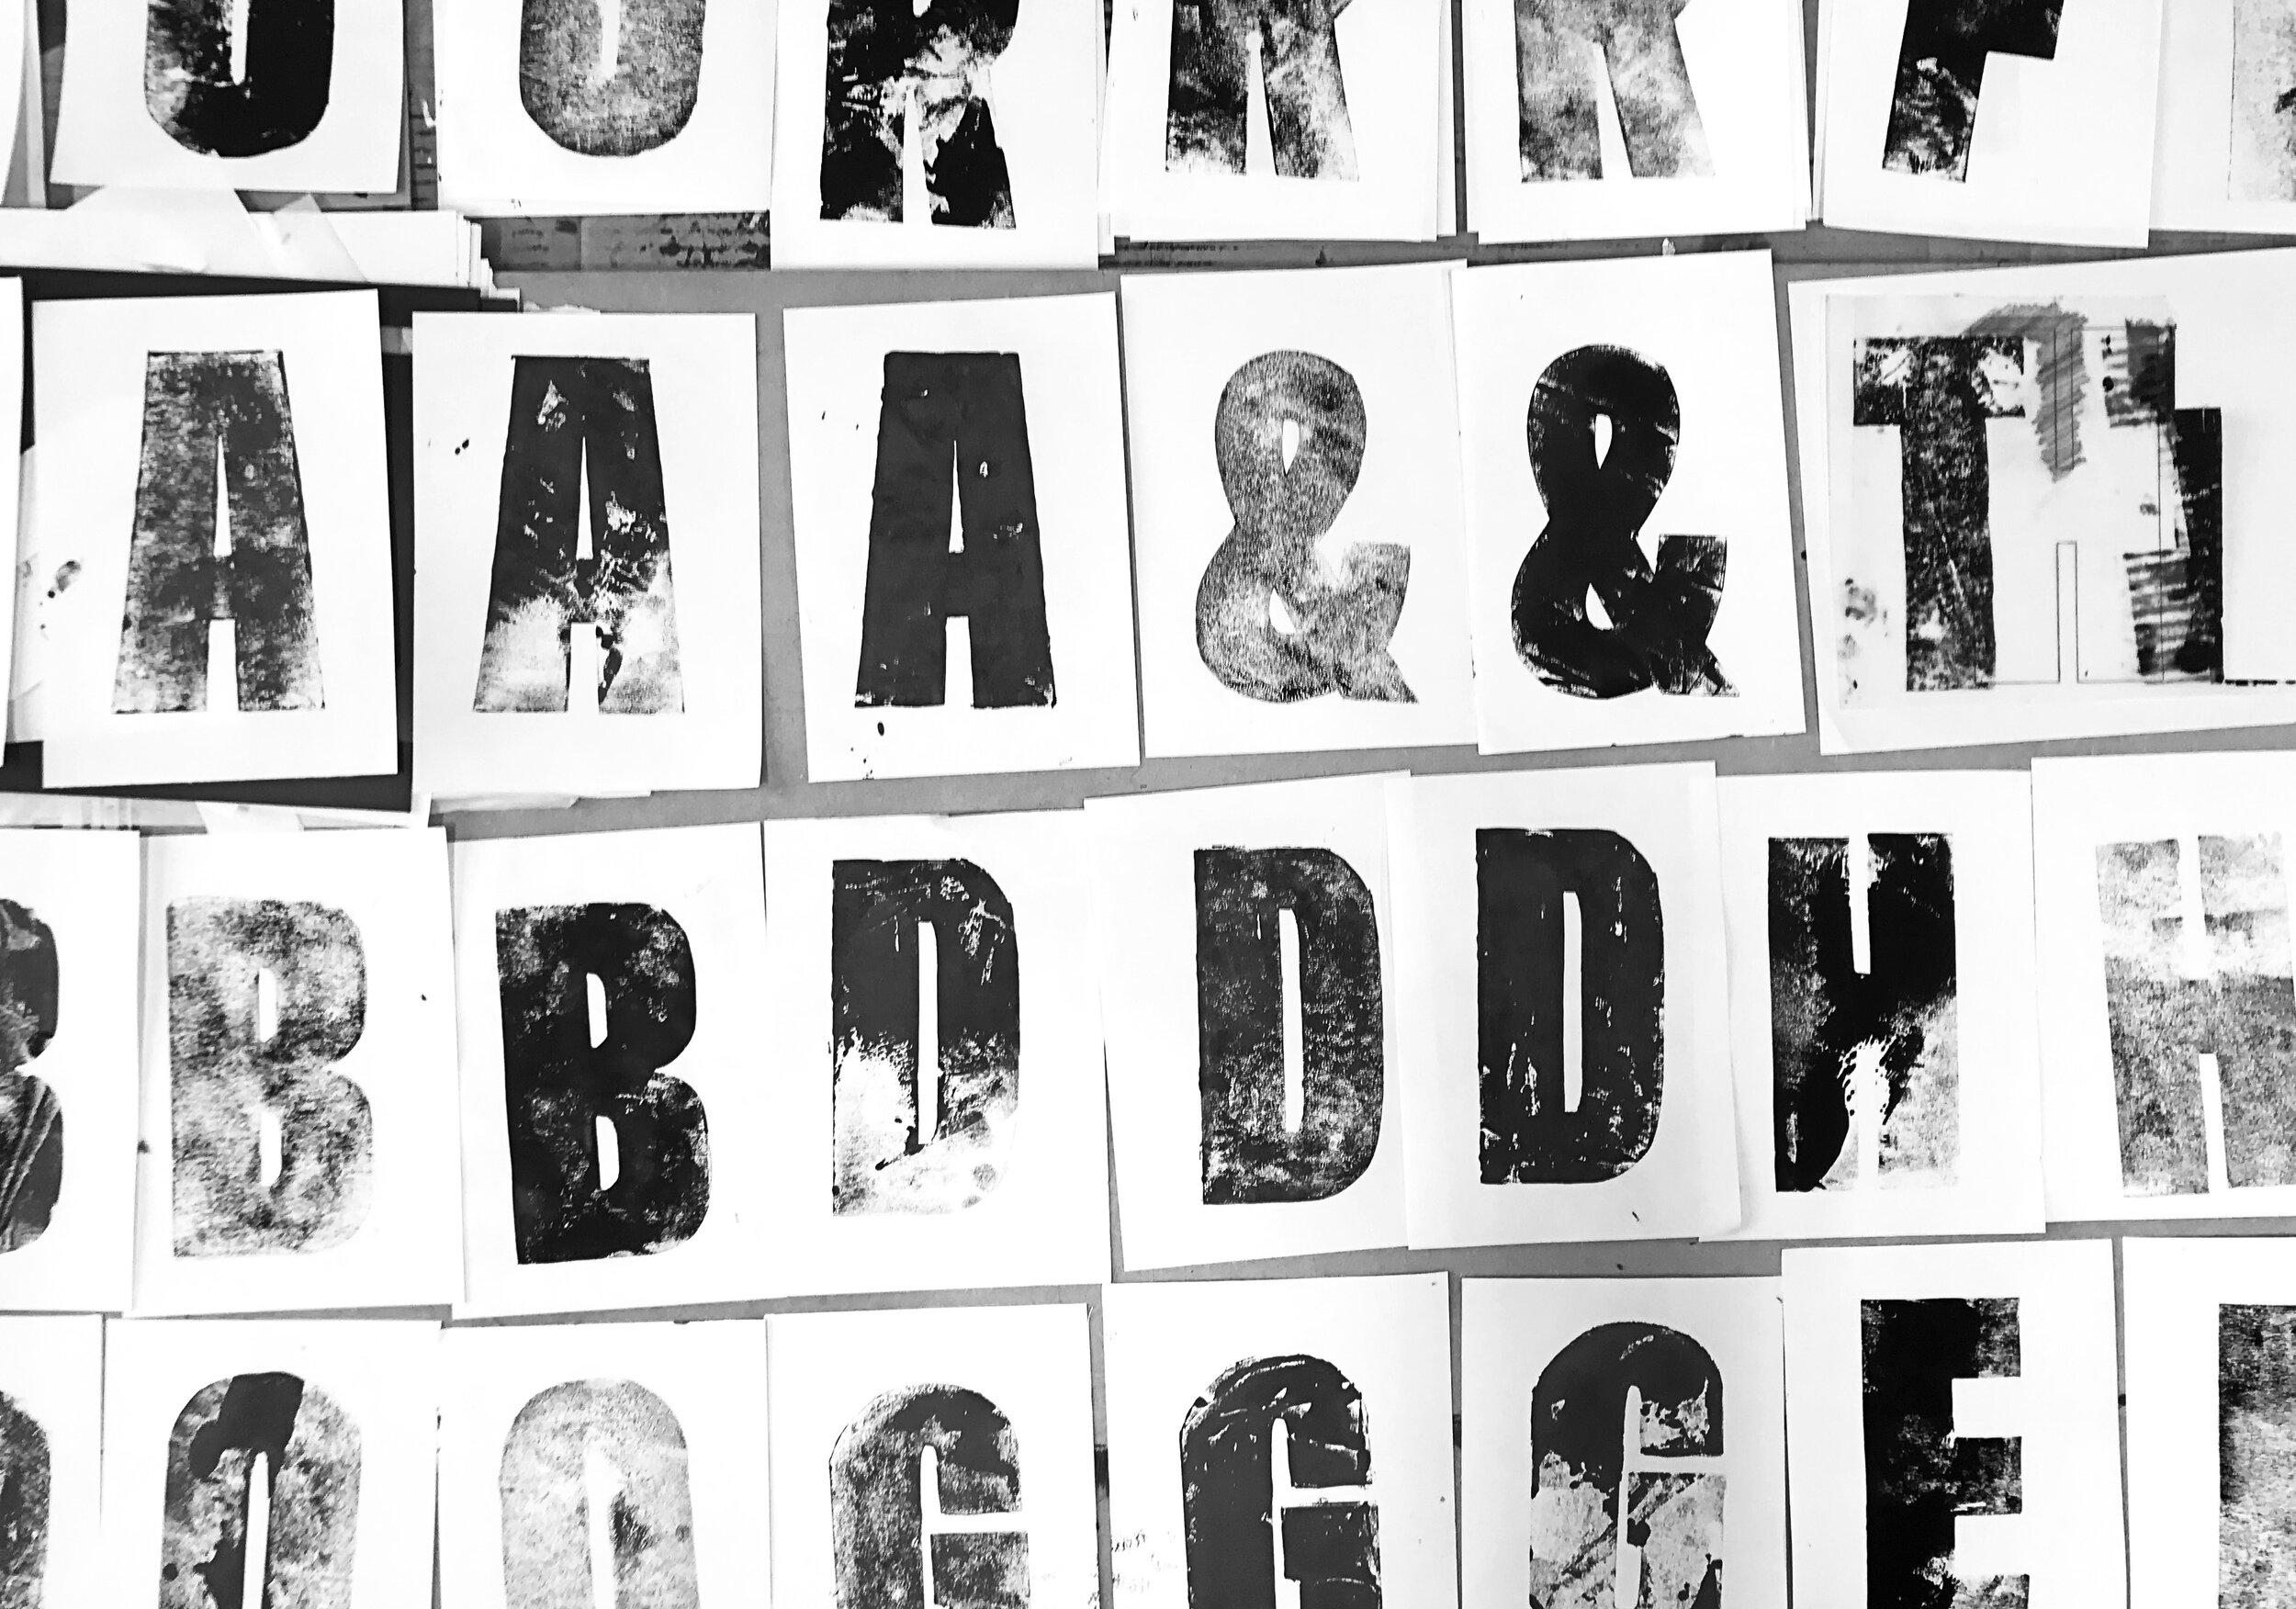 involve-nepal-lettering.jpg